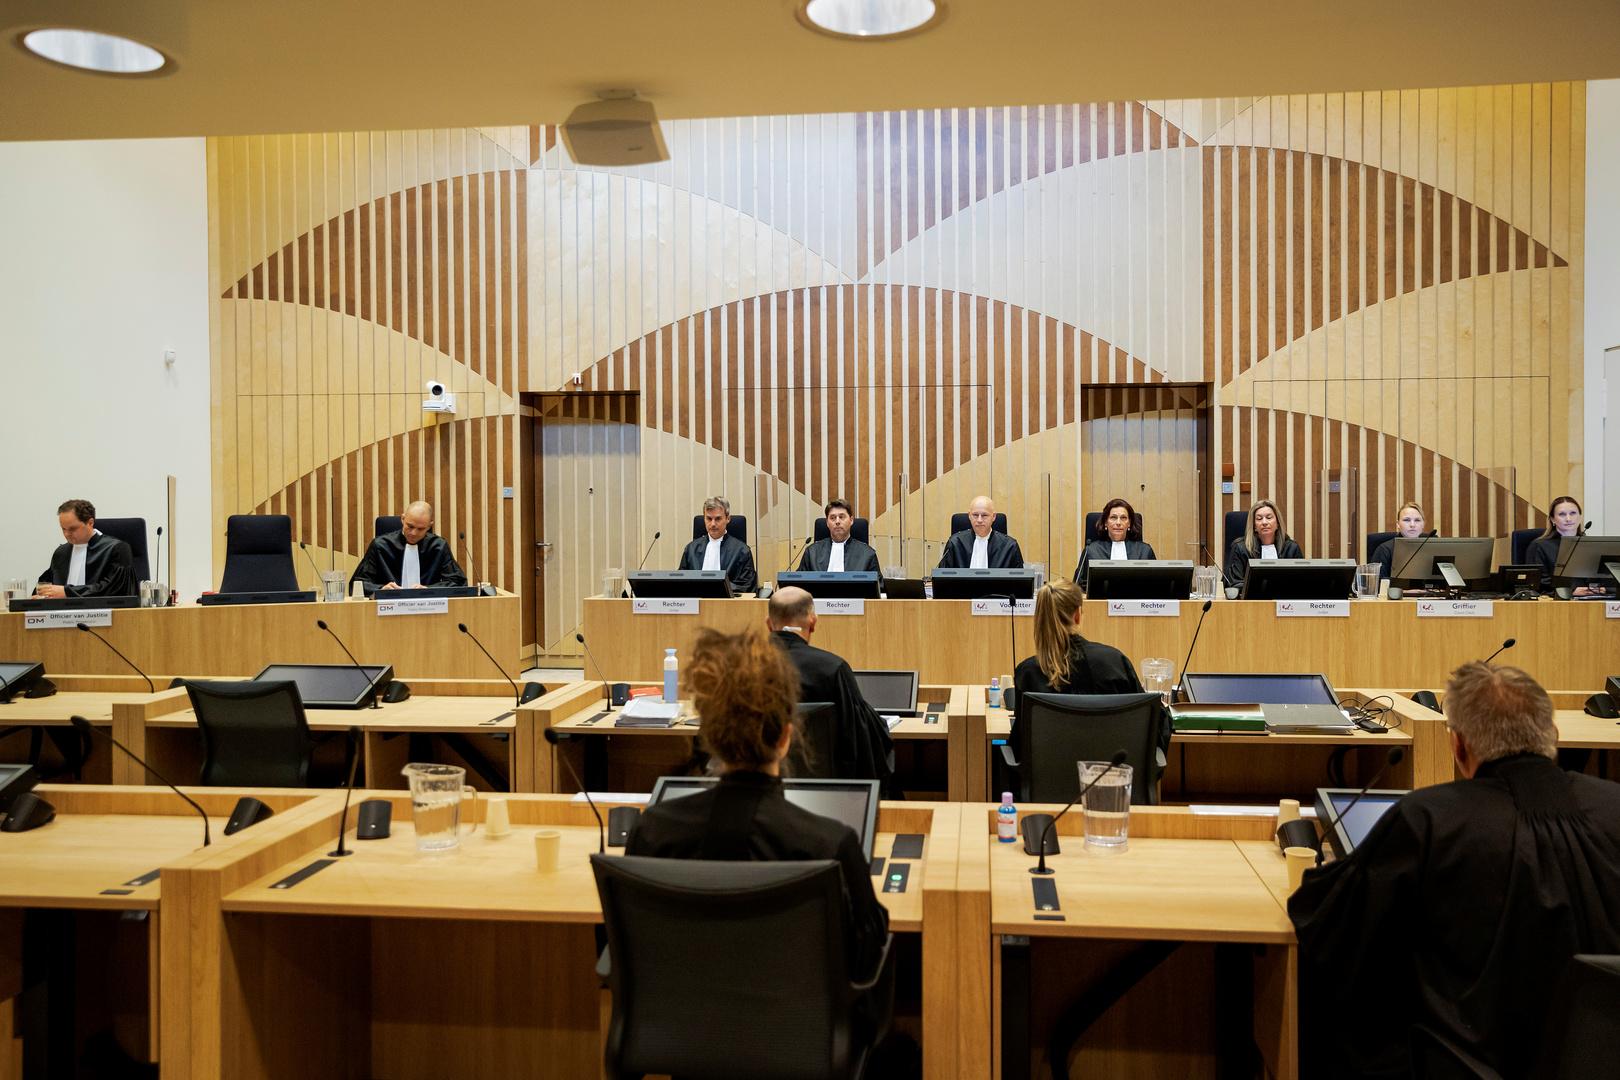 جلسة لمحكمة مقاطعة لاهاي